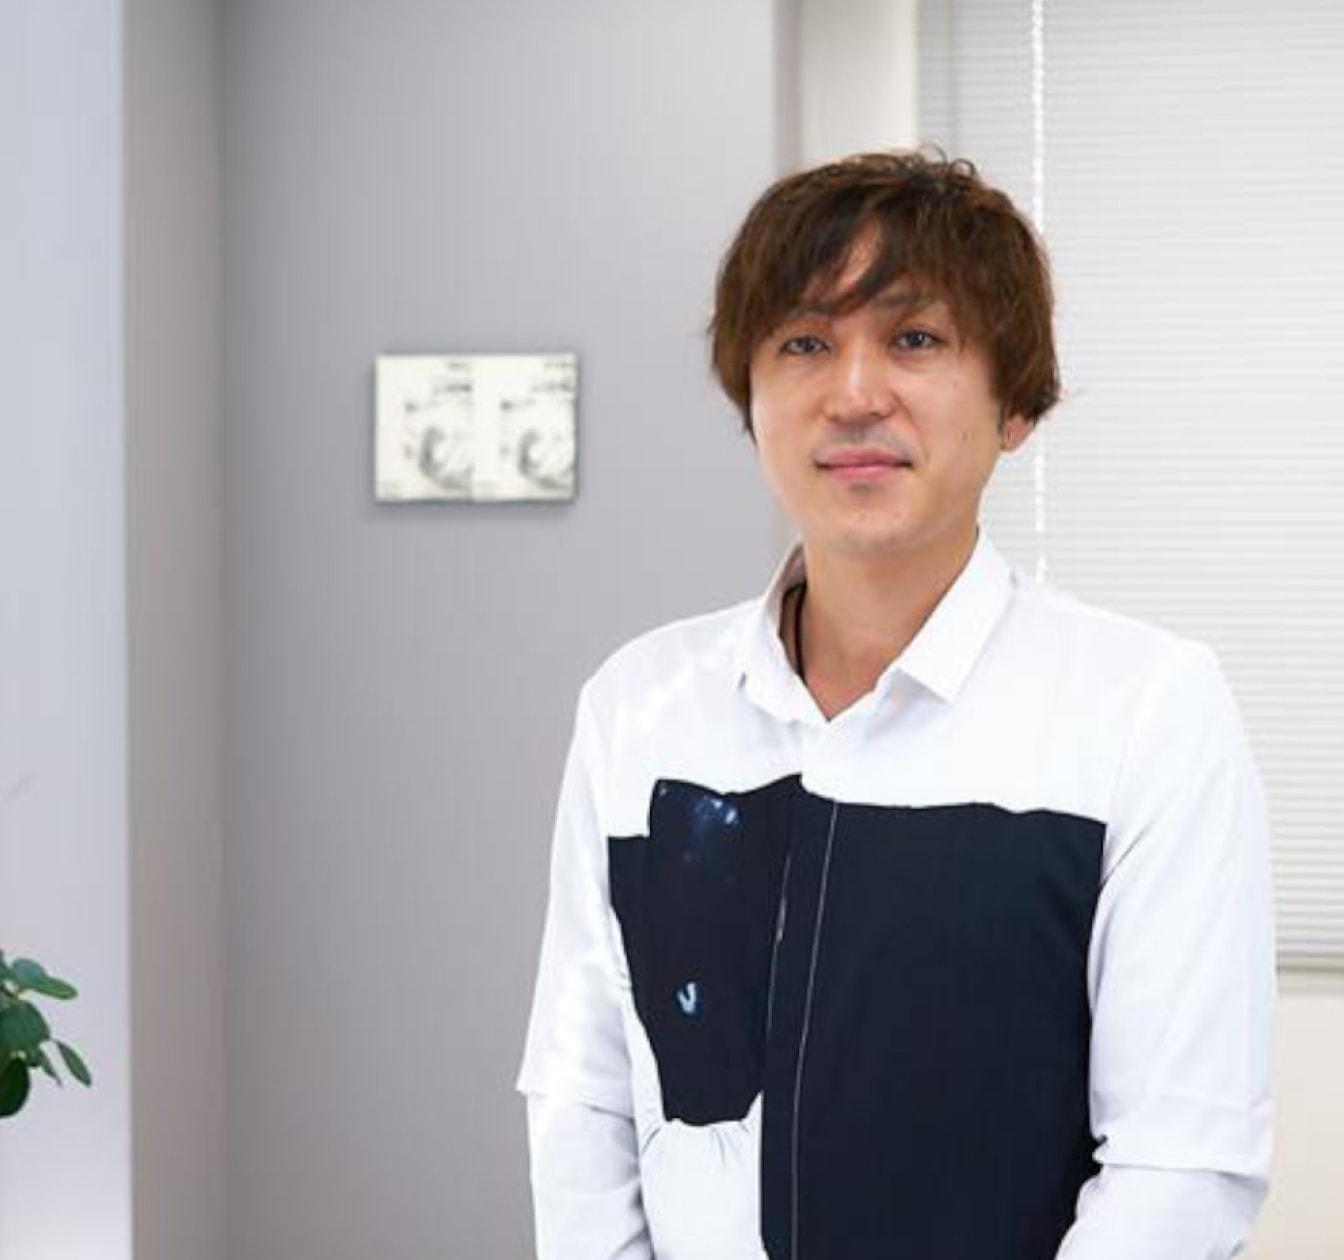 しあわせ食を九州から。日本のお母さんを目指すタマチャンショップがなぜecforceに移行したのか。